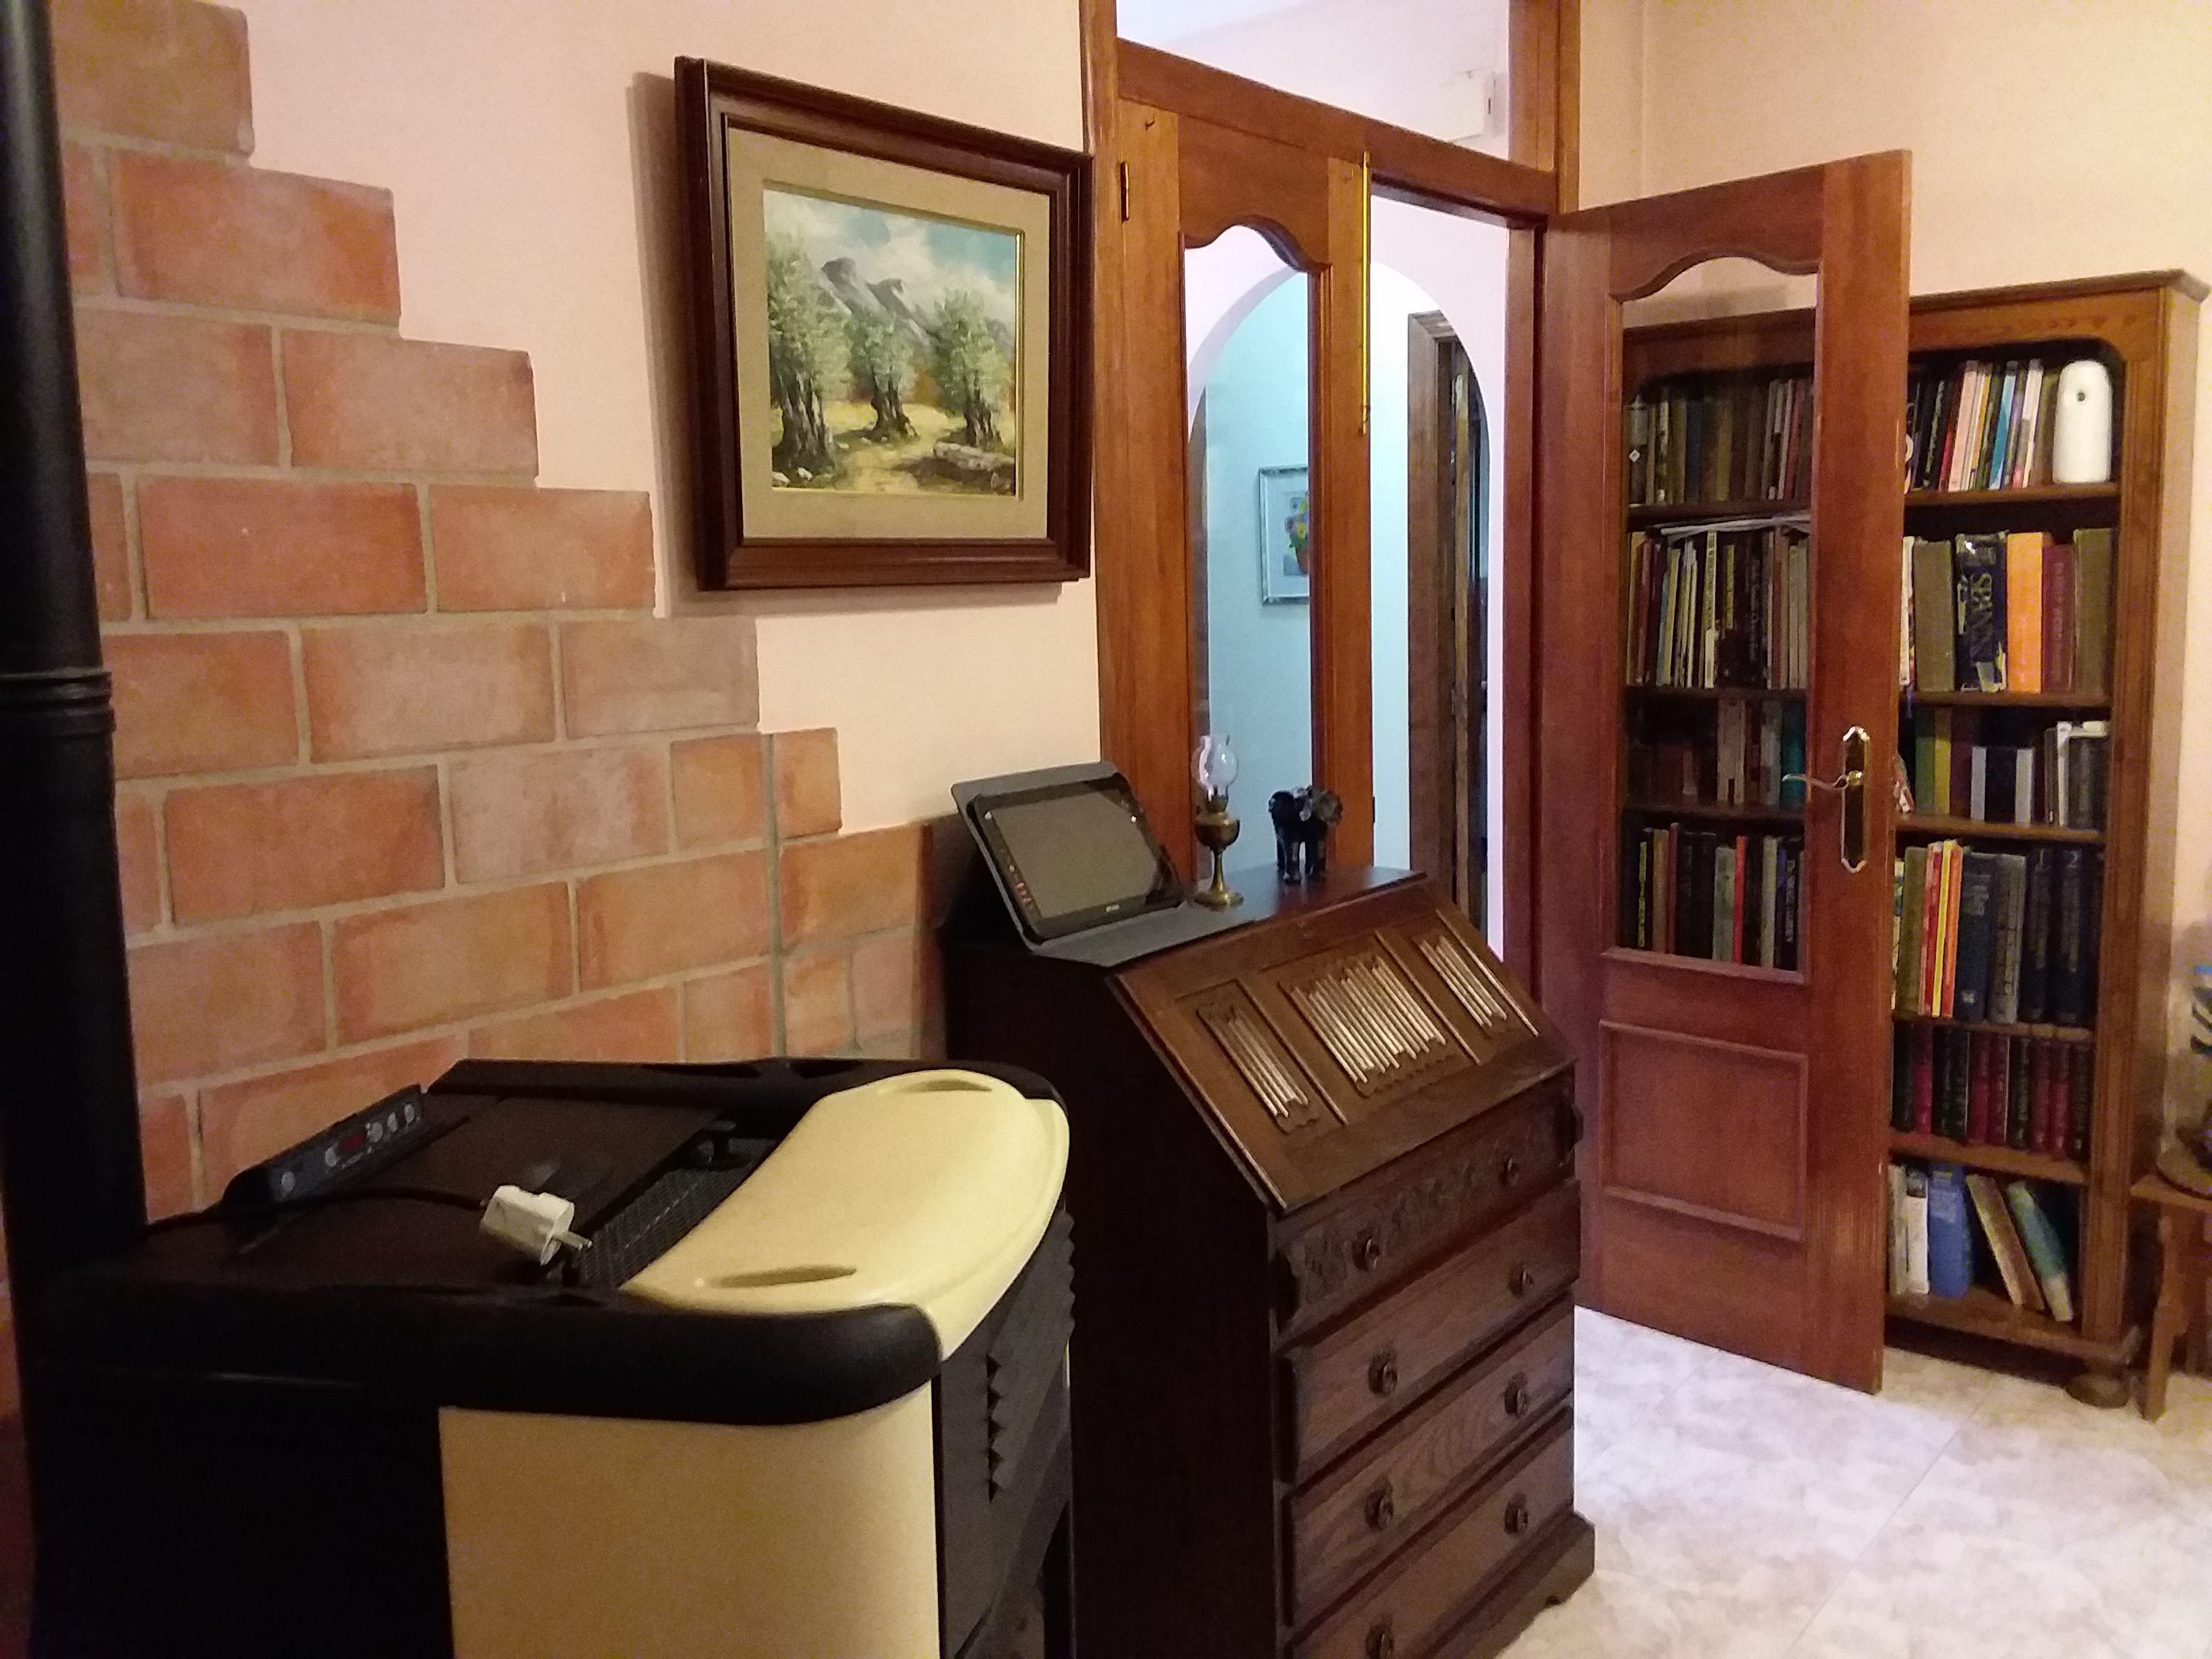 Galerie de photos - 9 - Olea-Home   Real Estate en Orba y Teulada-Moraira  